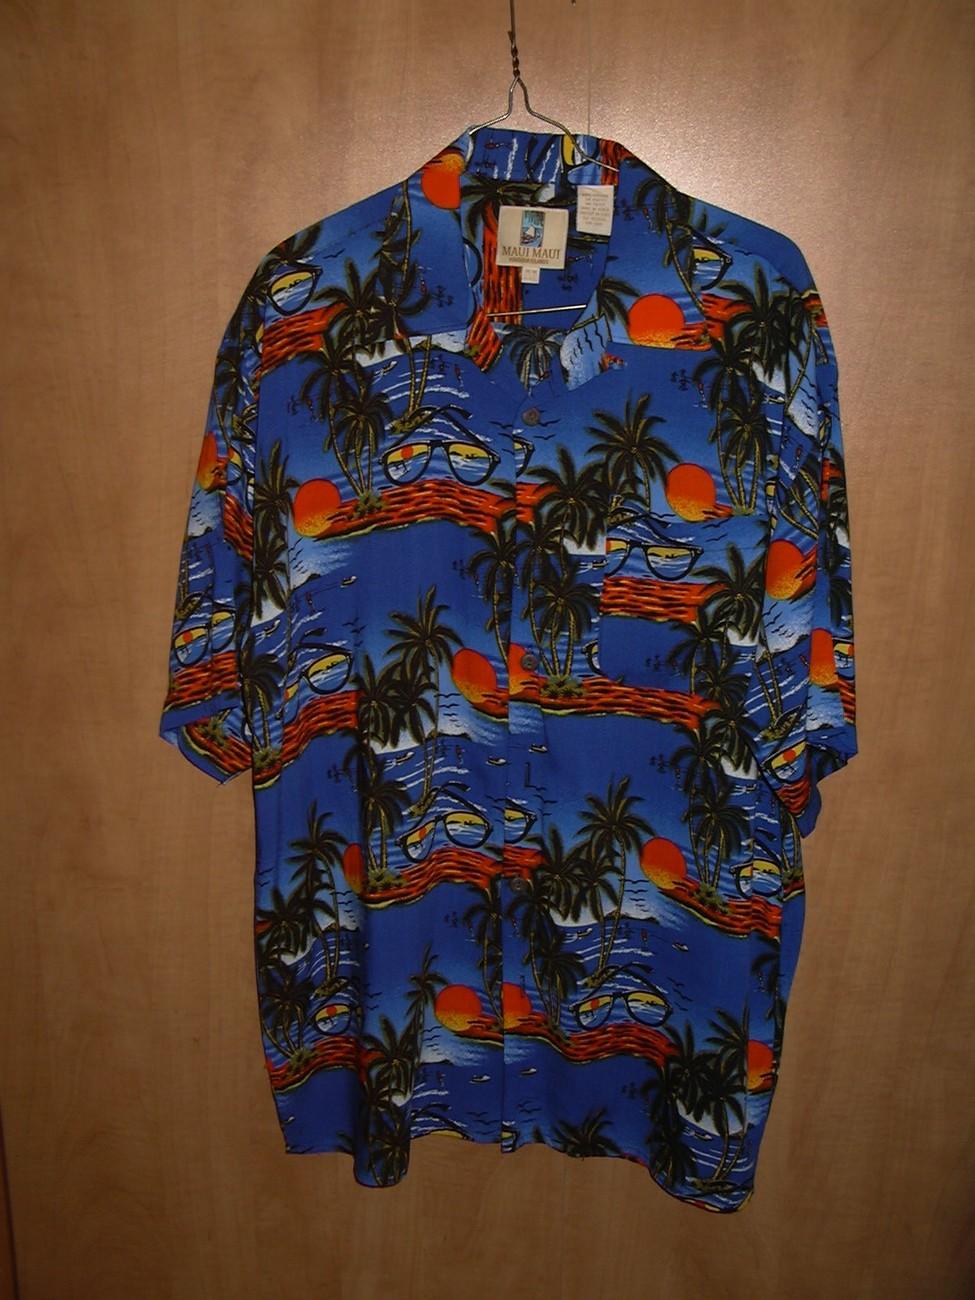 HH7 Maui Maui Hawaiian Tropical Shirt Blue Sunglasses Sunsets Palms Size 40 M